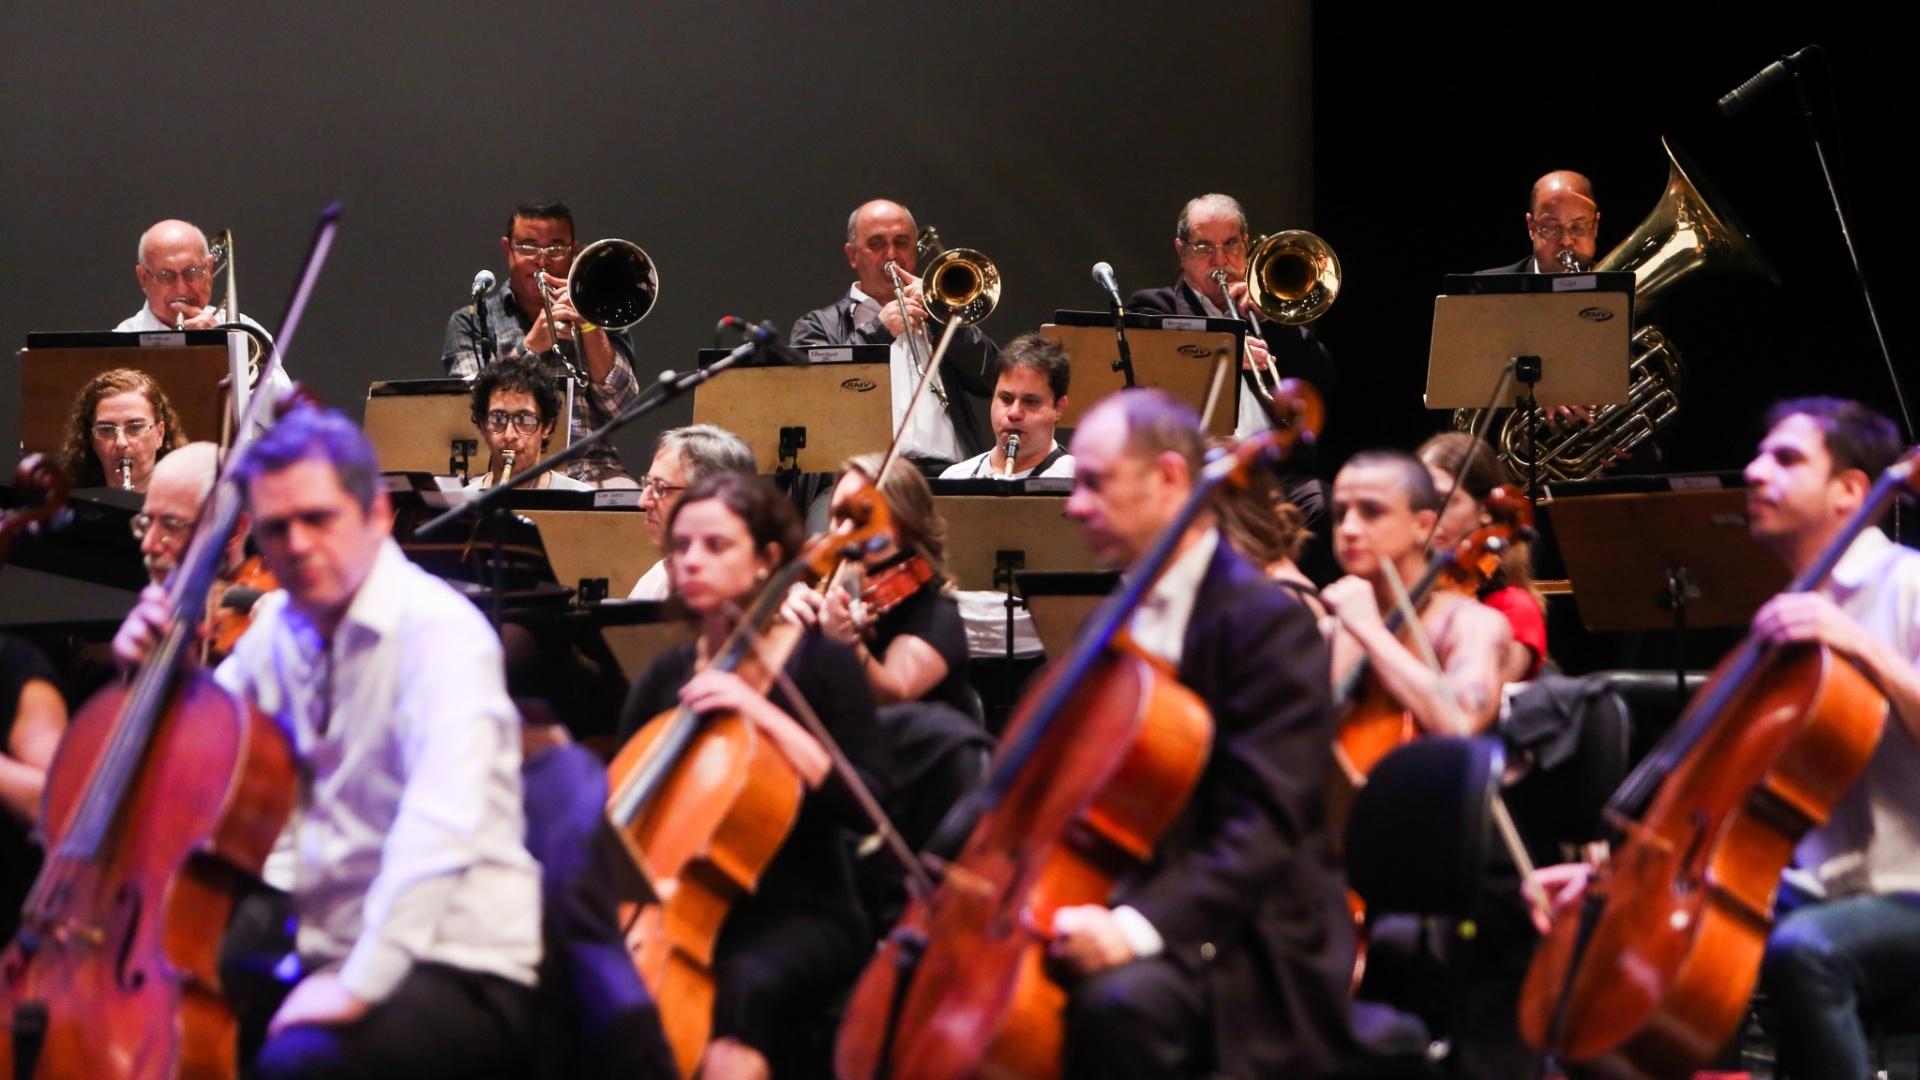 O concerto será nos dias 21 e 22 de agosto (sexta e sábado), a partir das 21h, no Auditório Ibirapuera